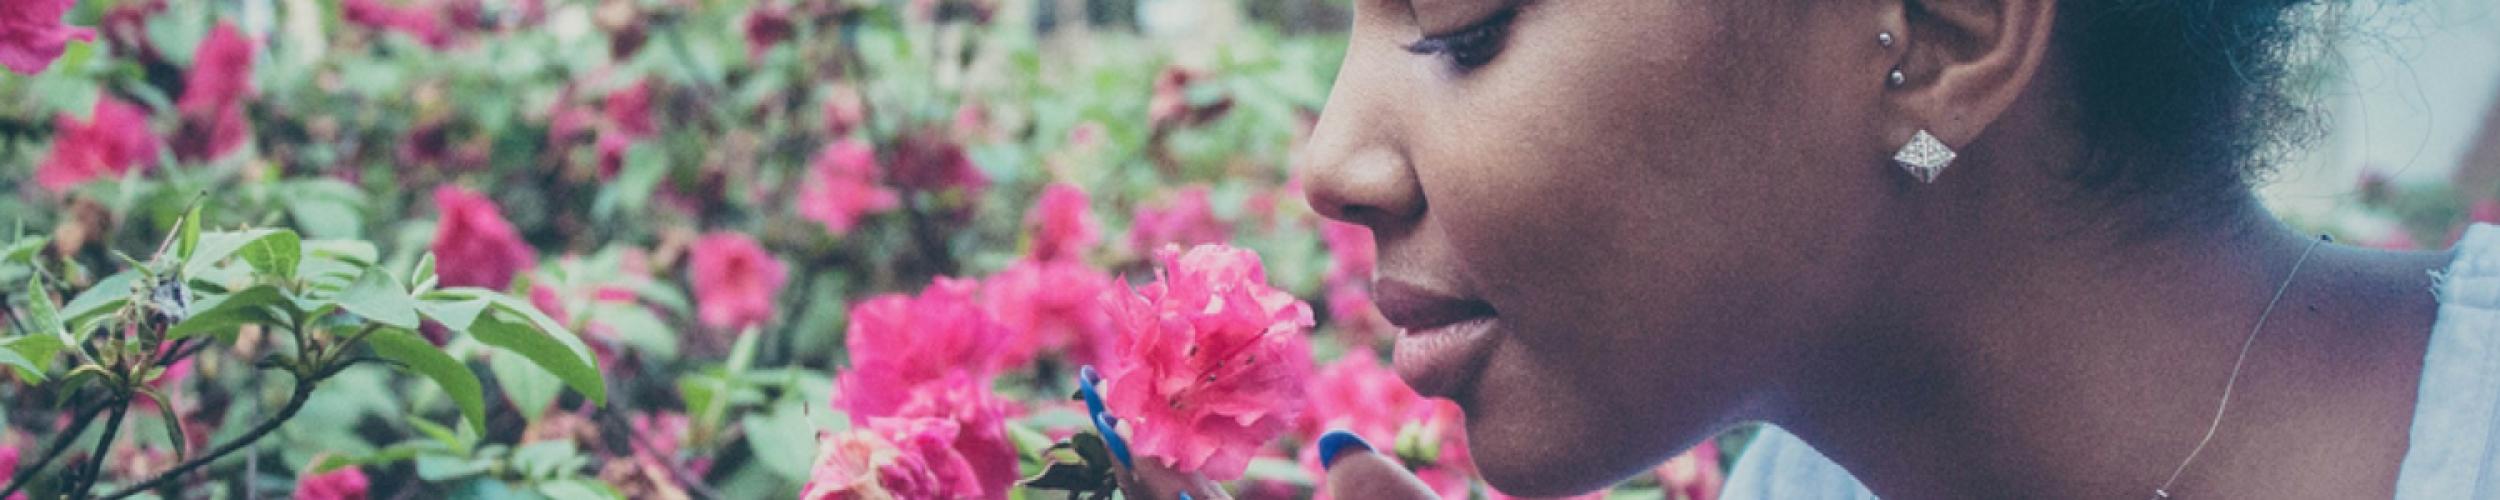 Wat is het verschil tussen parfum en natuurlijke geuren?